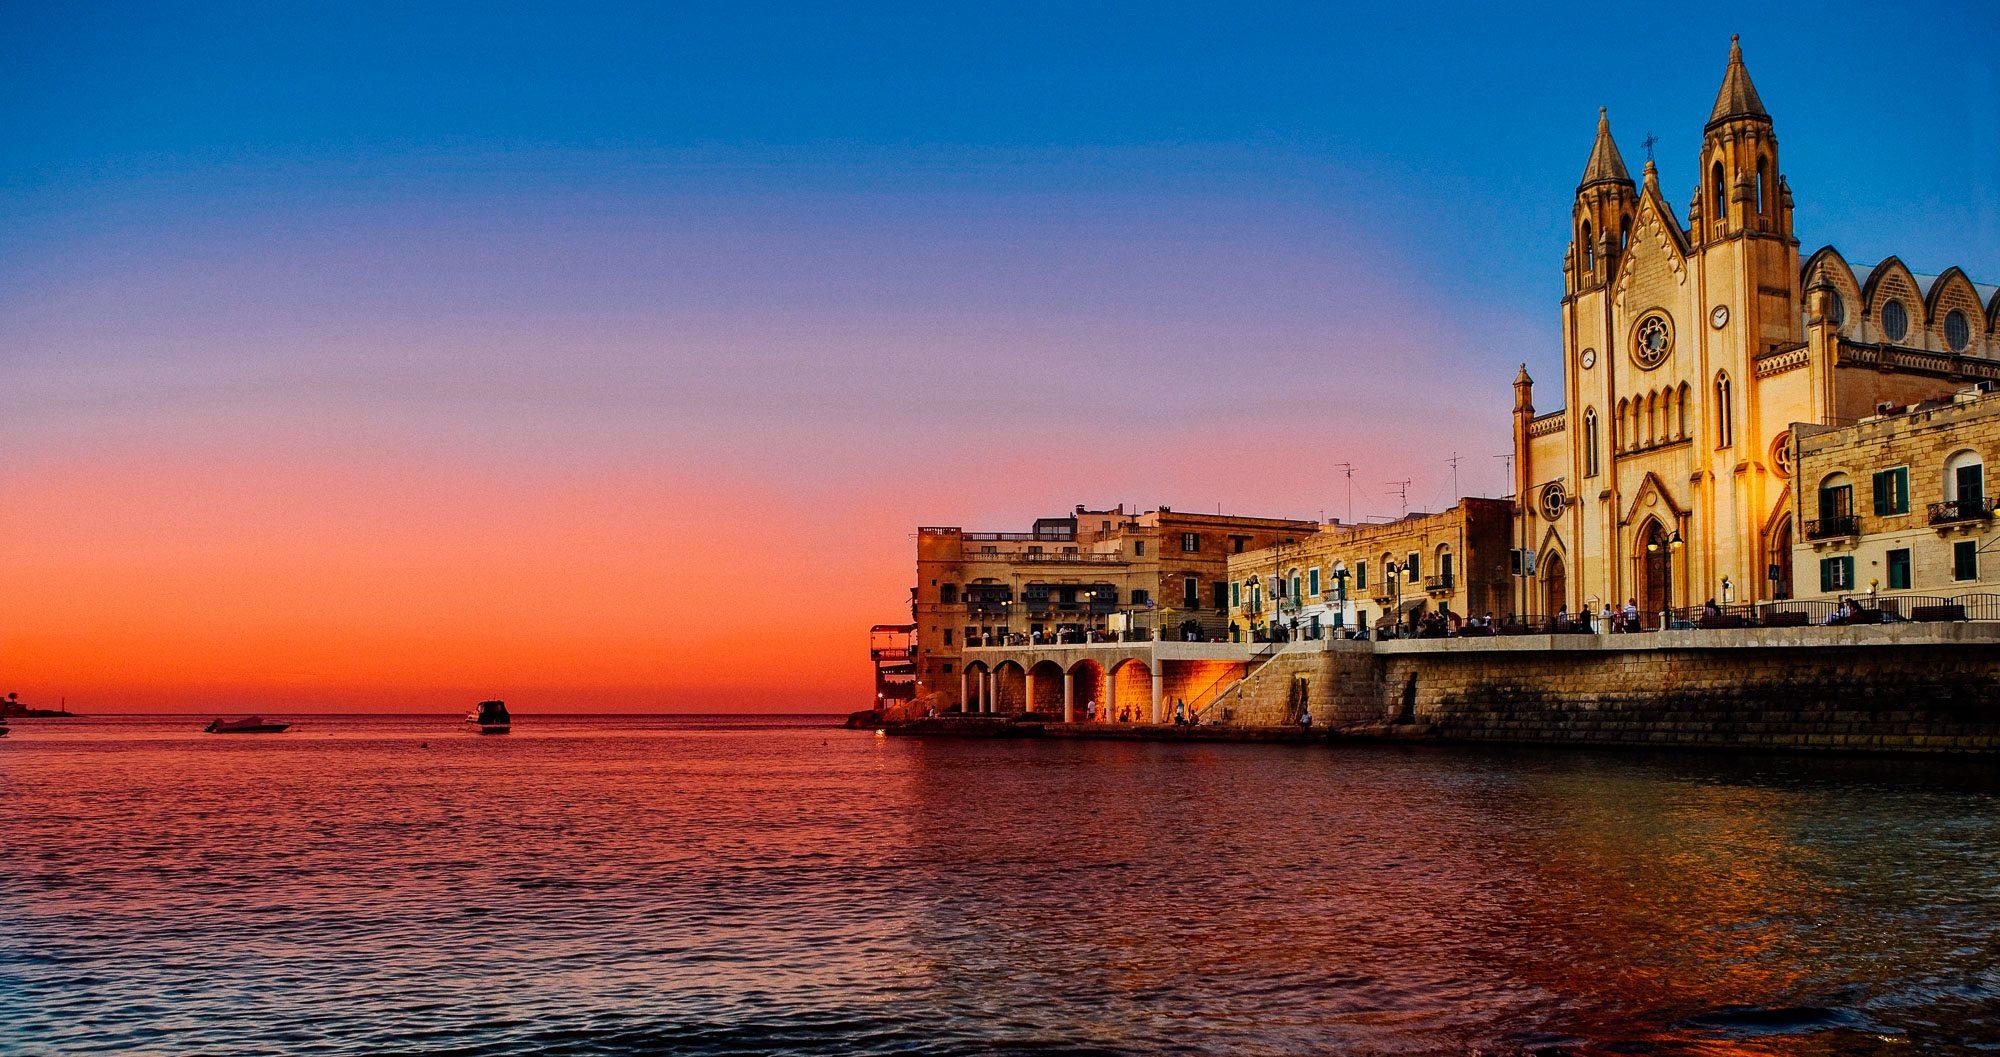 The sun sets over St Julian's Bay in Malta